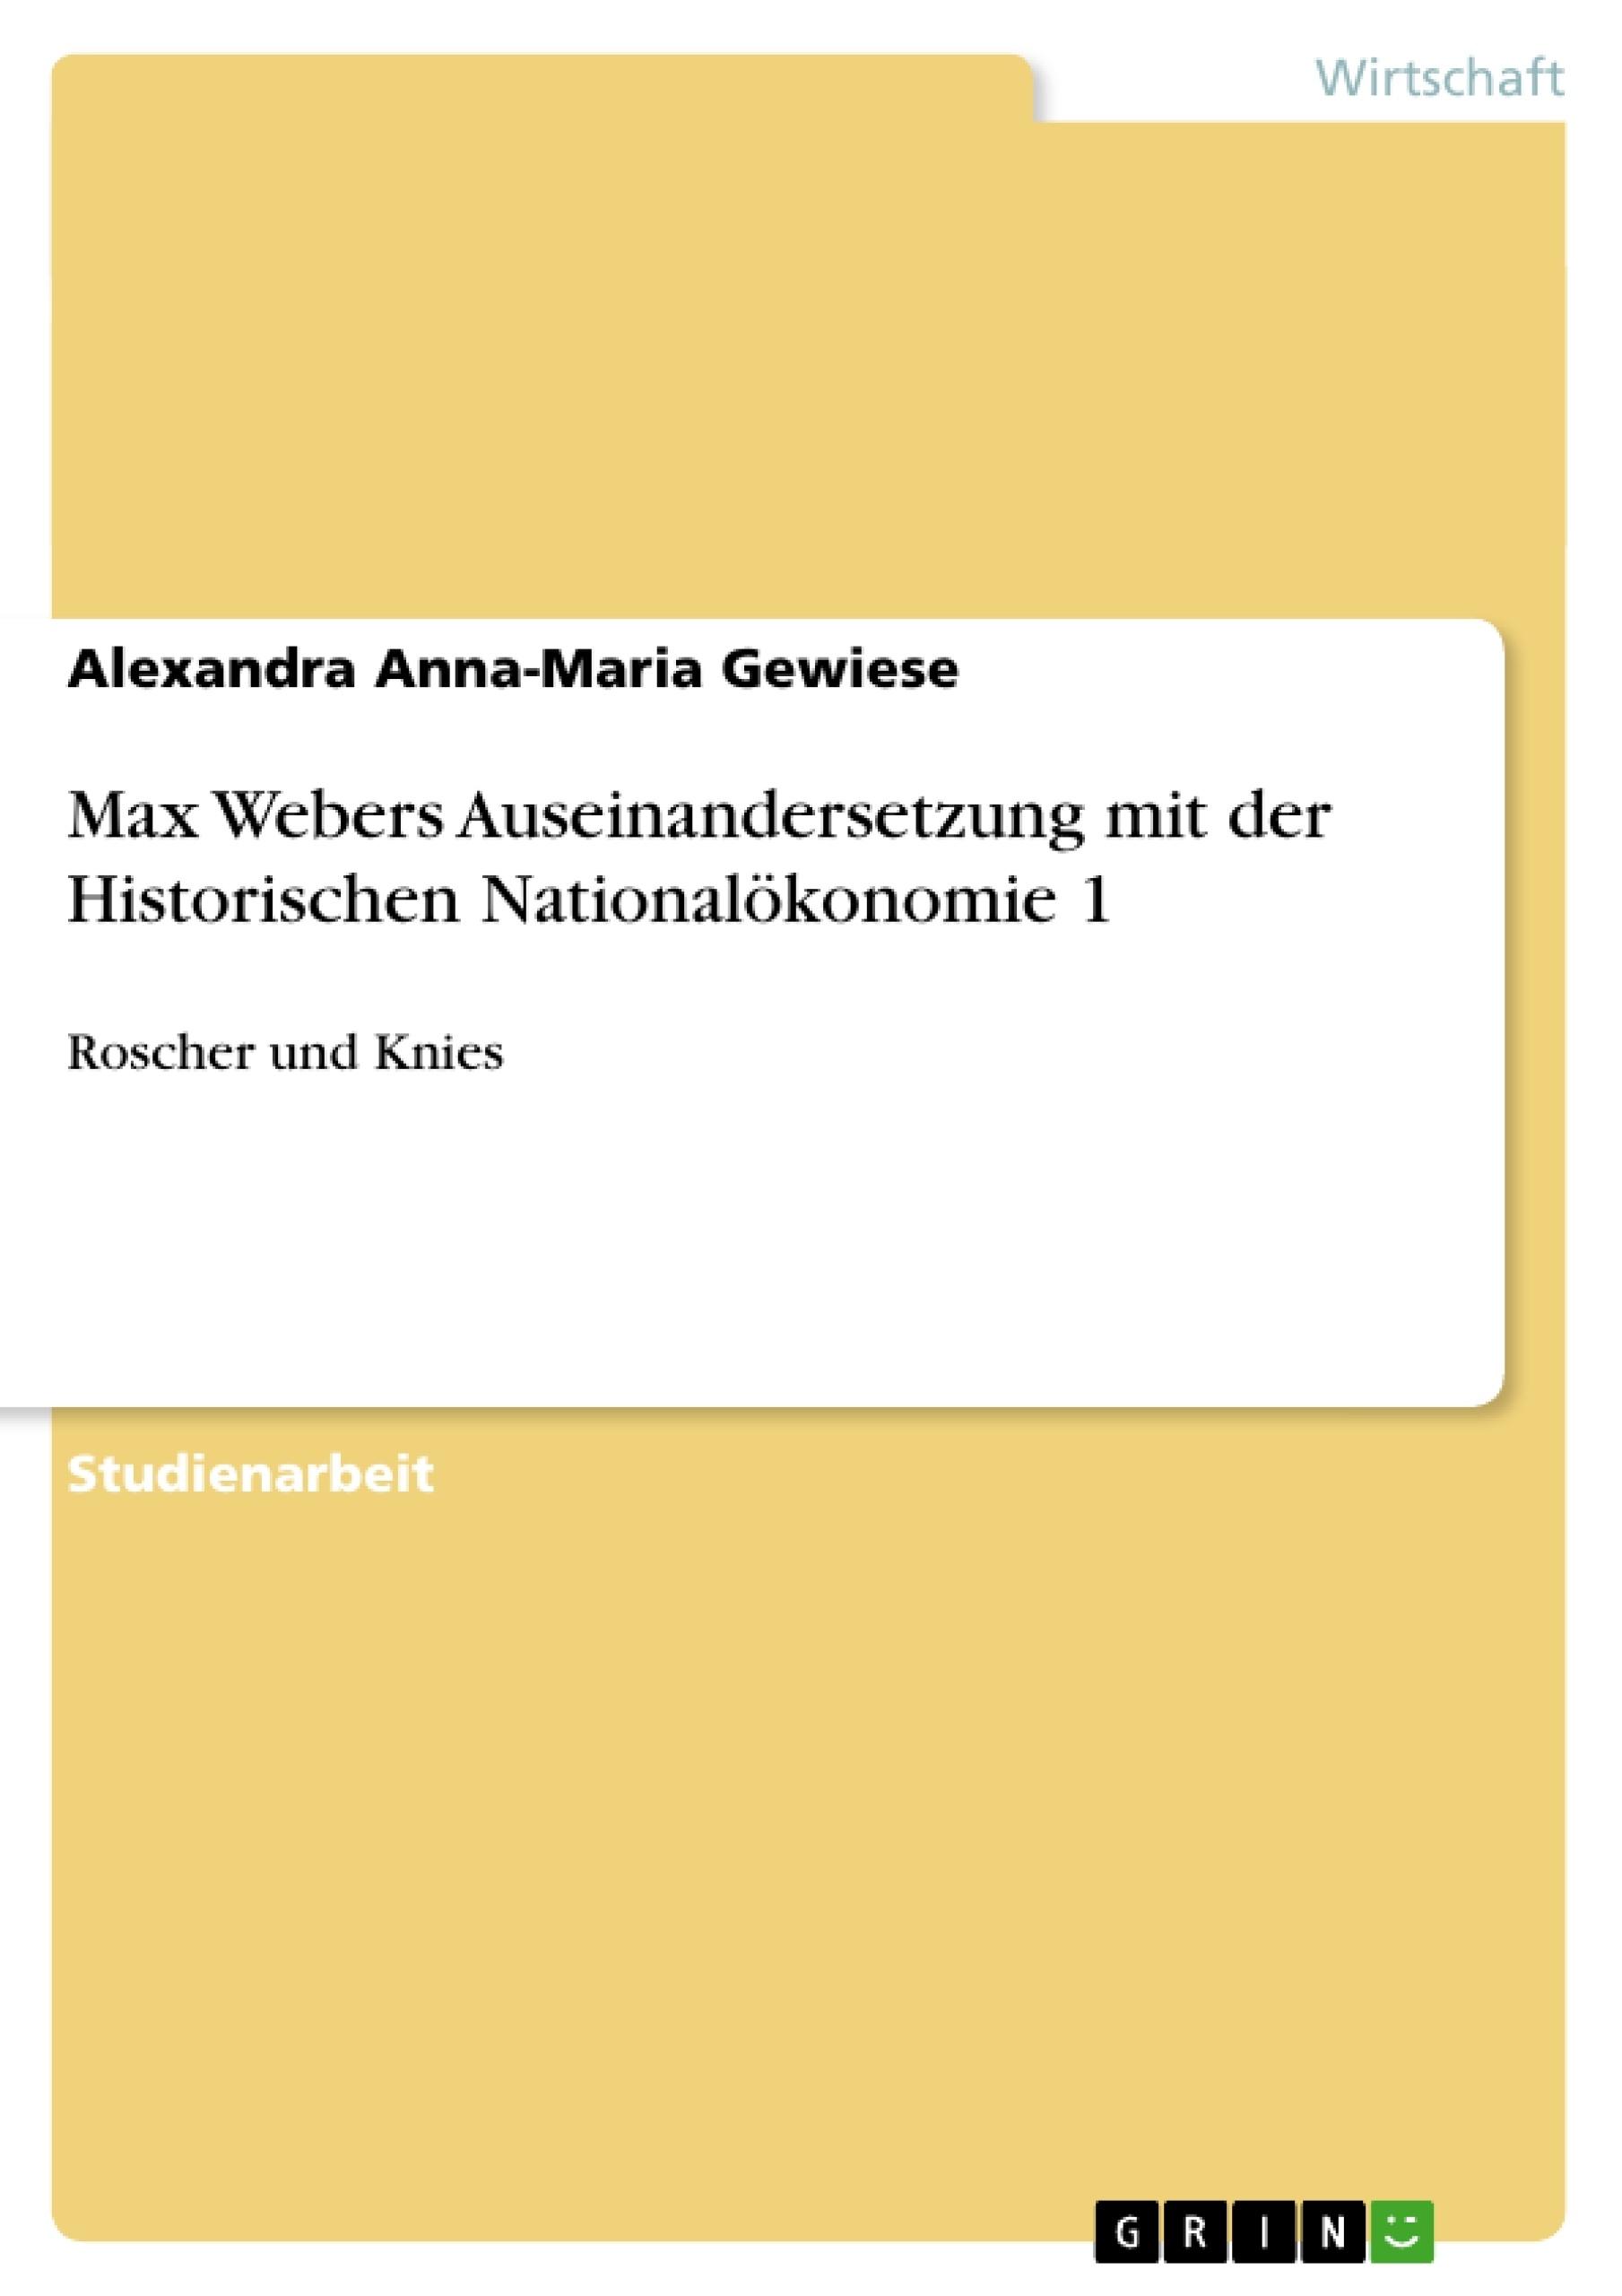 Titel: Max Webers Auseinandersetzung mit der Historischen Nationalökonomie 1